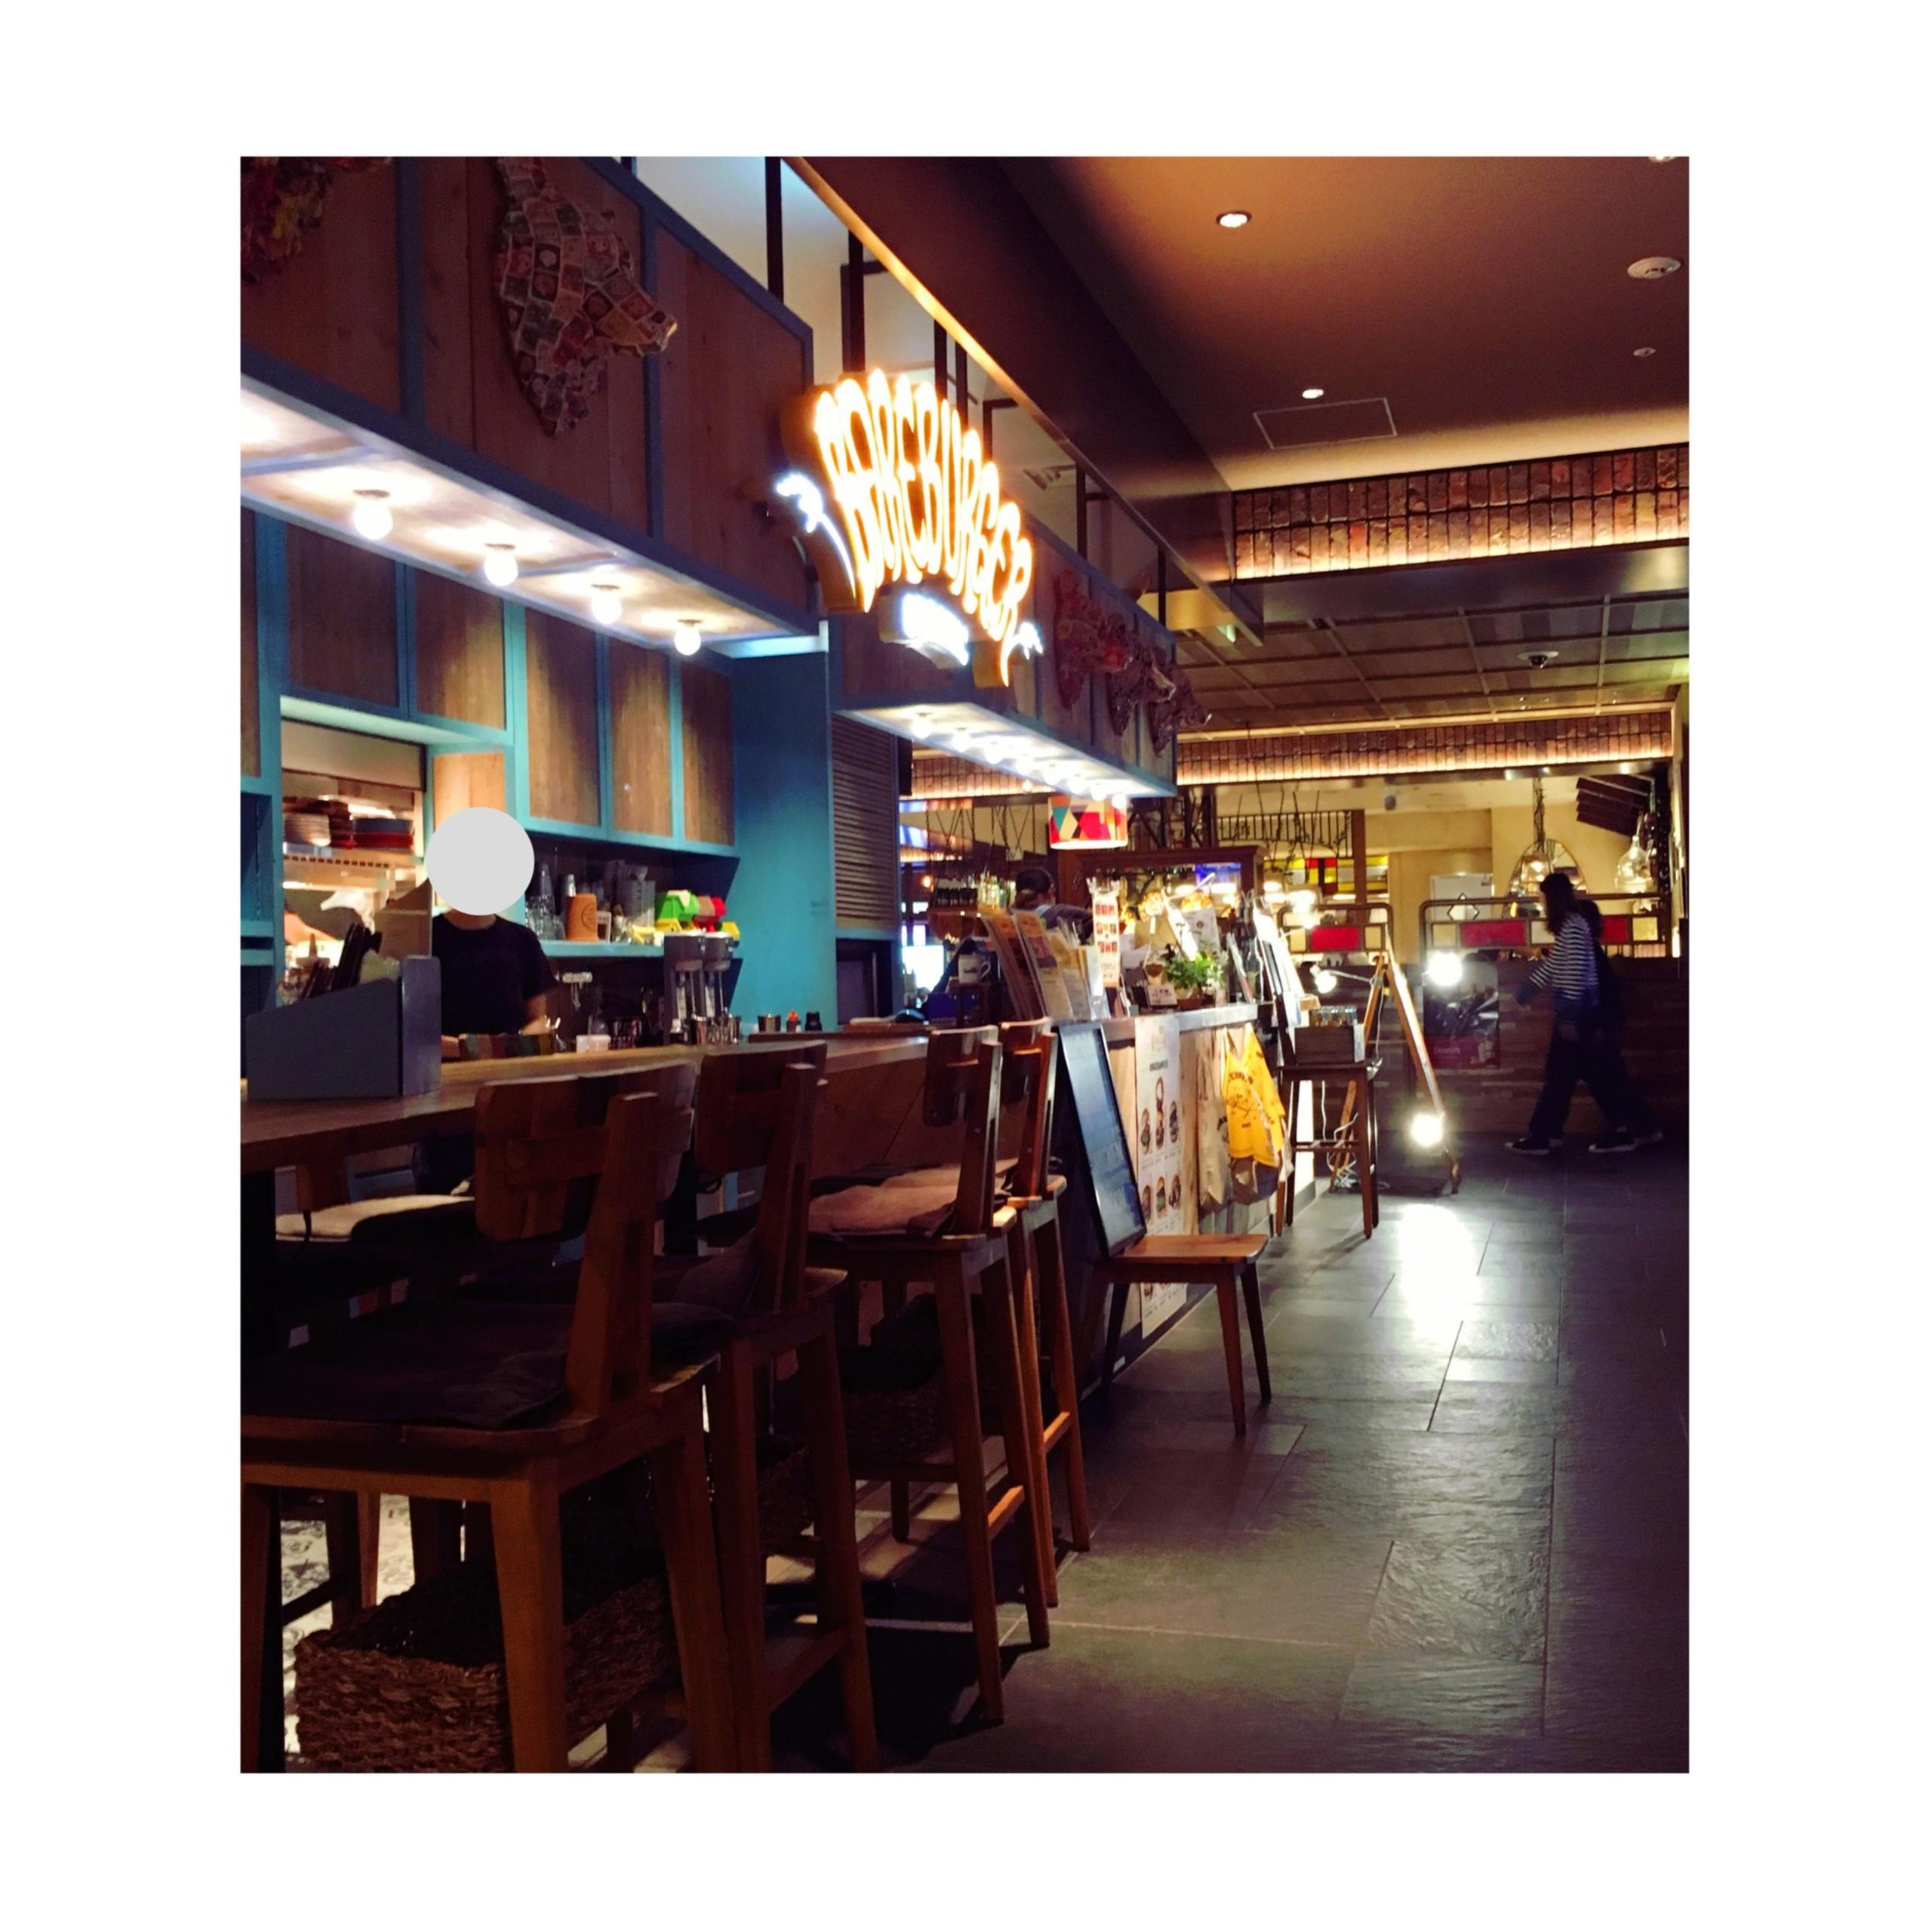 《ご当地MORE★東京》銀座でハンバーガーを食べるならココ!N.Y.発オーガニックの人気店【Bareburger】がおすすめです❤️_1